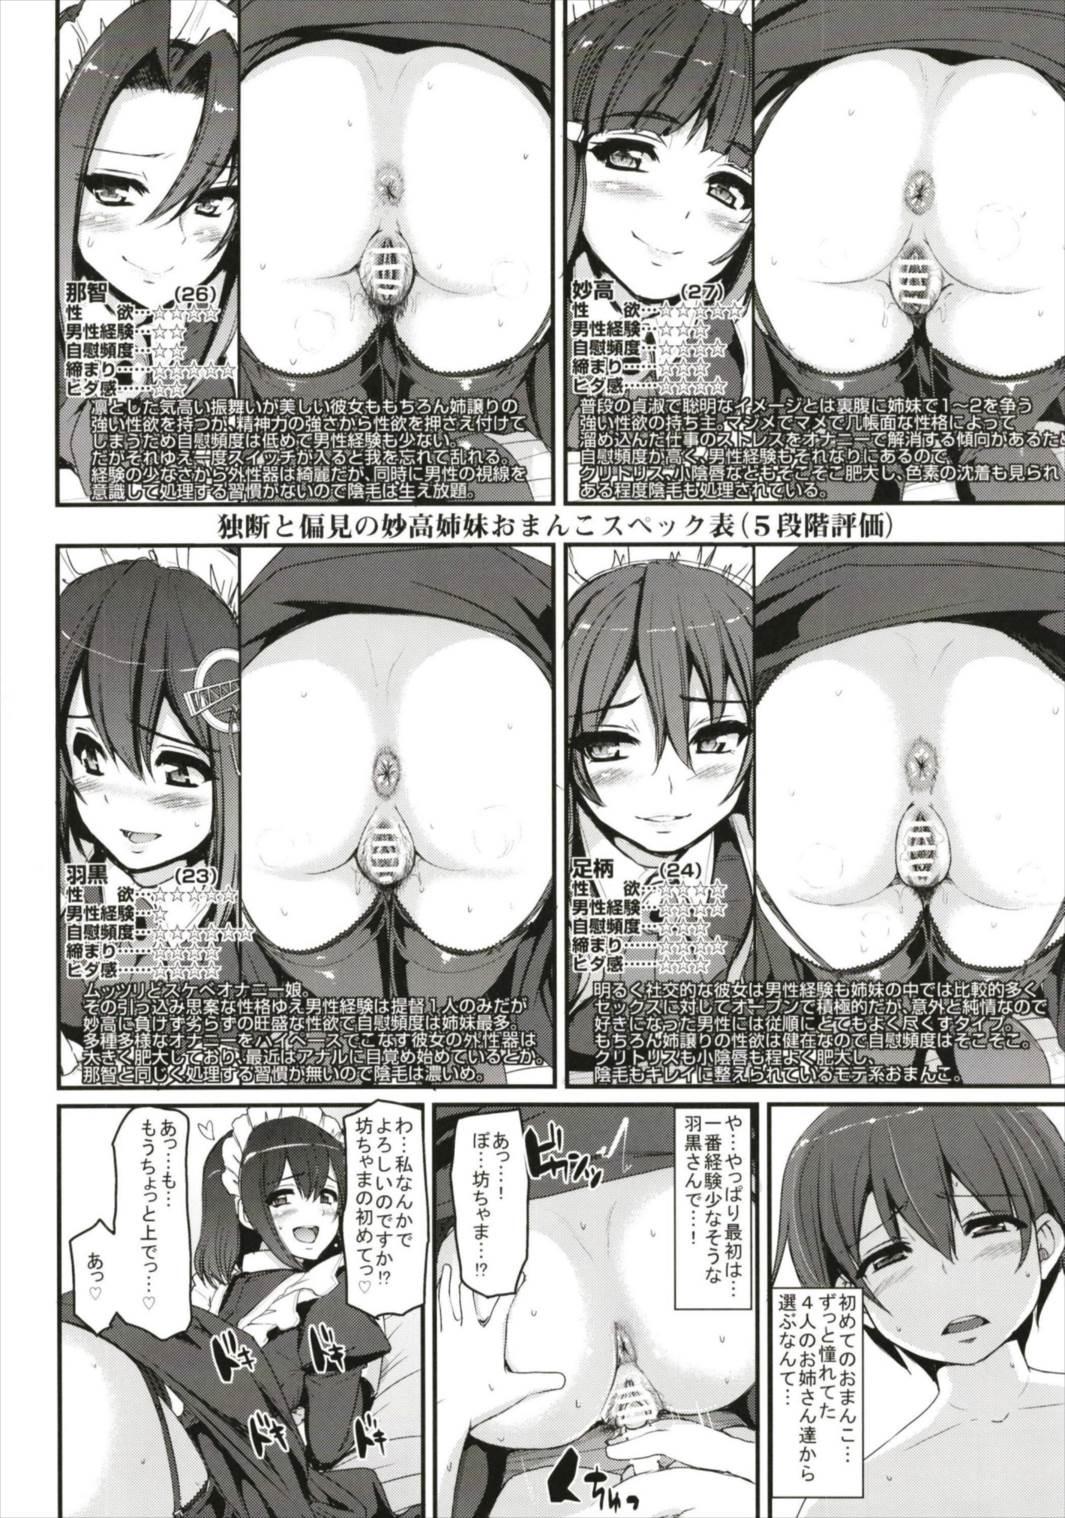 【艦これ エロ漫画・エロ同人】元艦娘の妙高4姉妹の下着を盗んだショタが初めてのセックスを仕込まれてえっちなお仕置きwwwww (17)